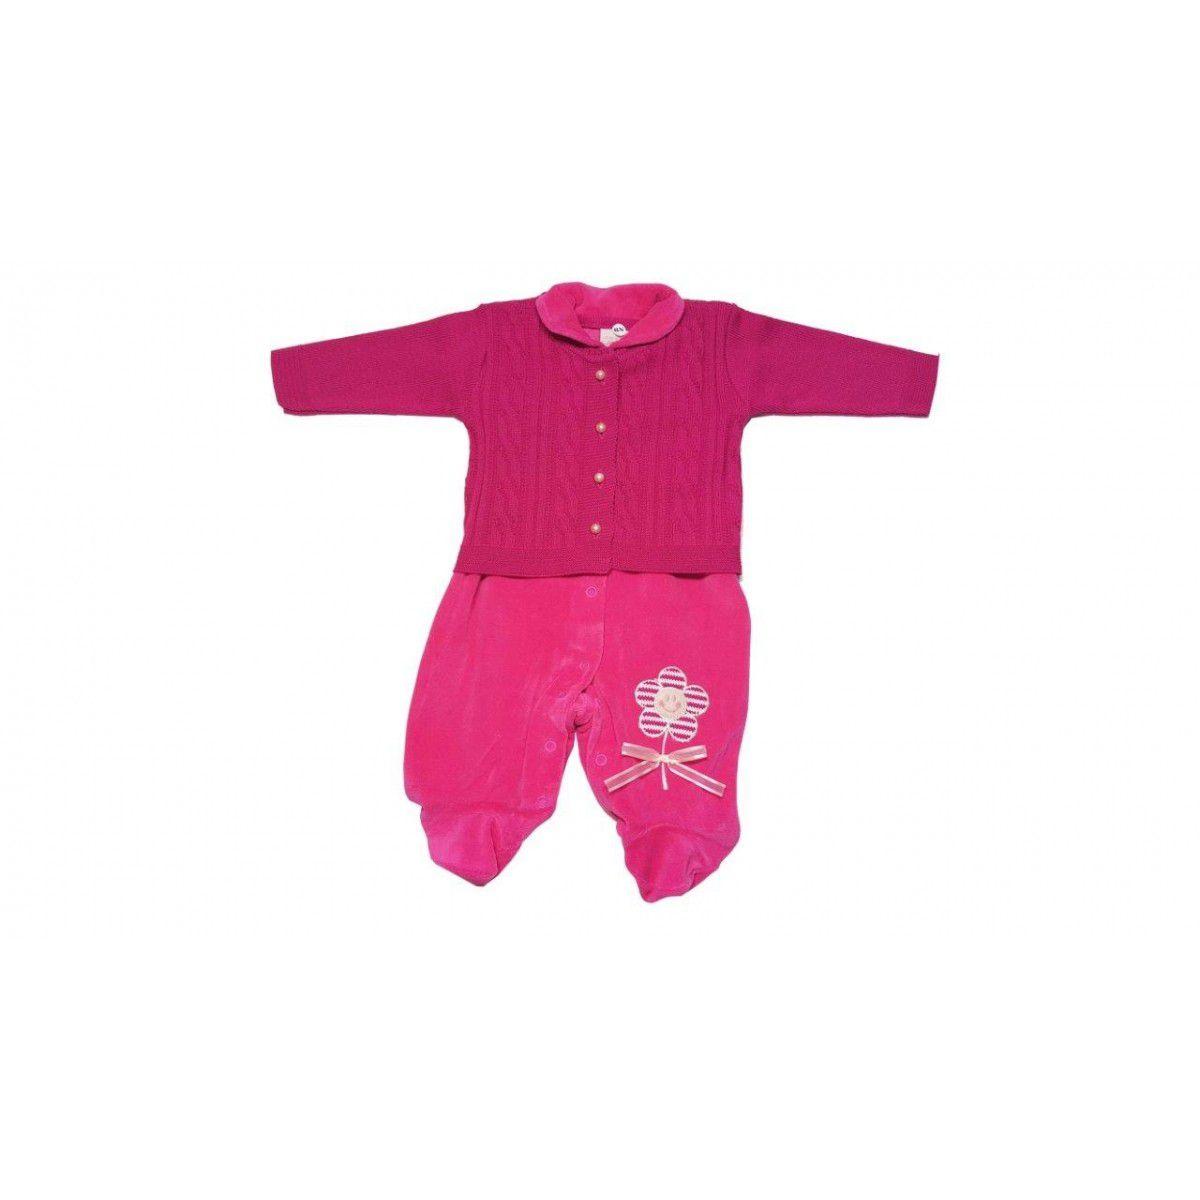 Macacão Milly Baby com casaco Encanto Flor